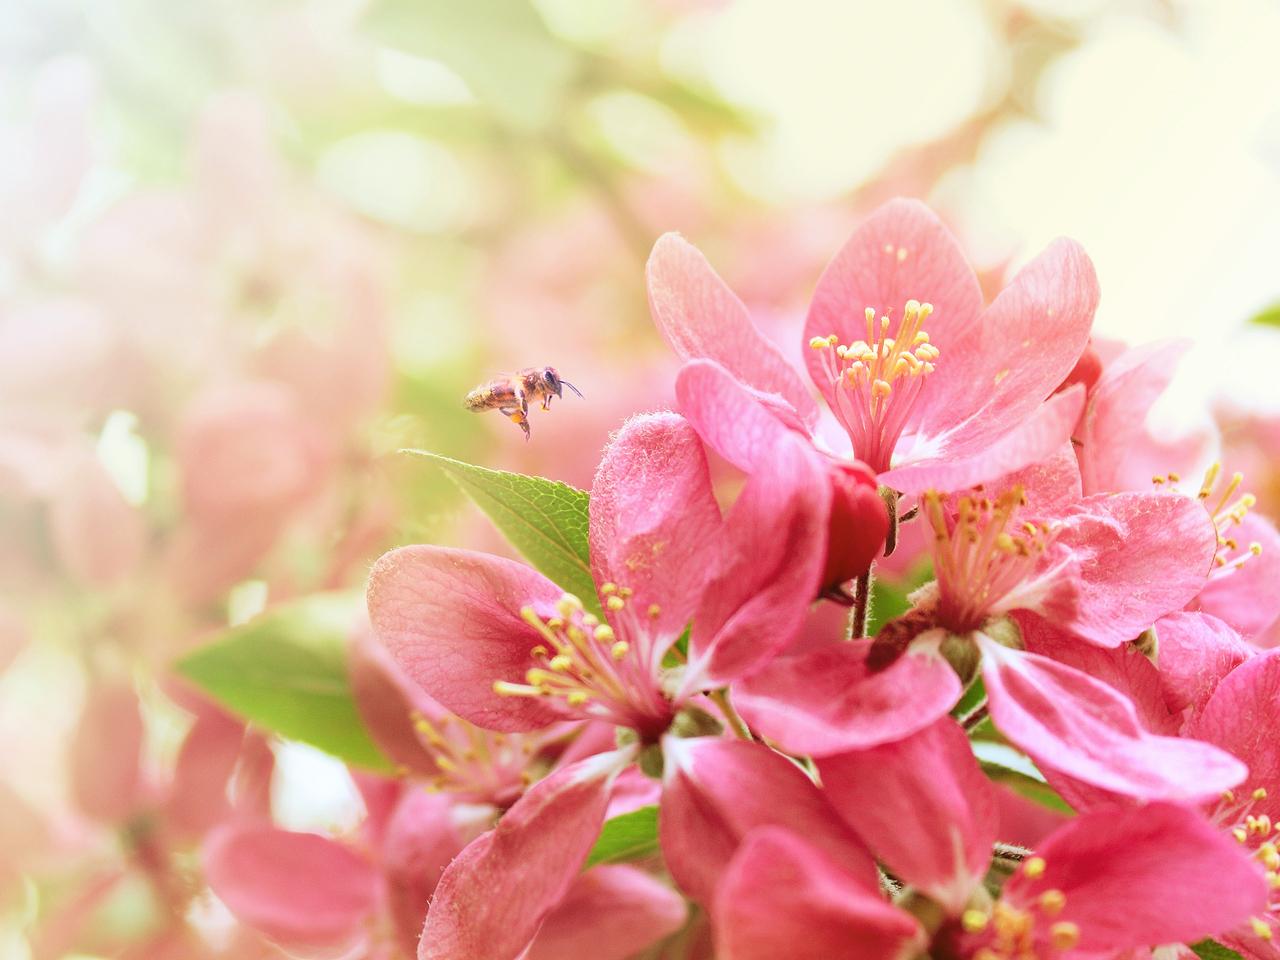 Весенние цветы 1280 x 960